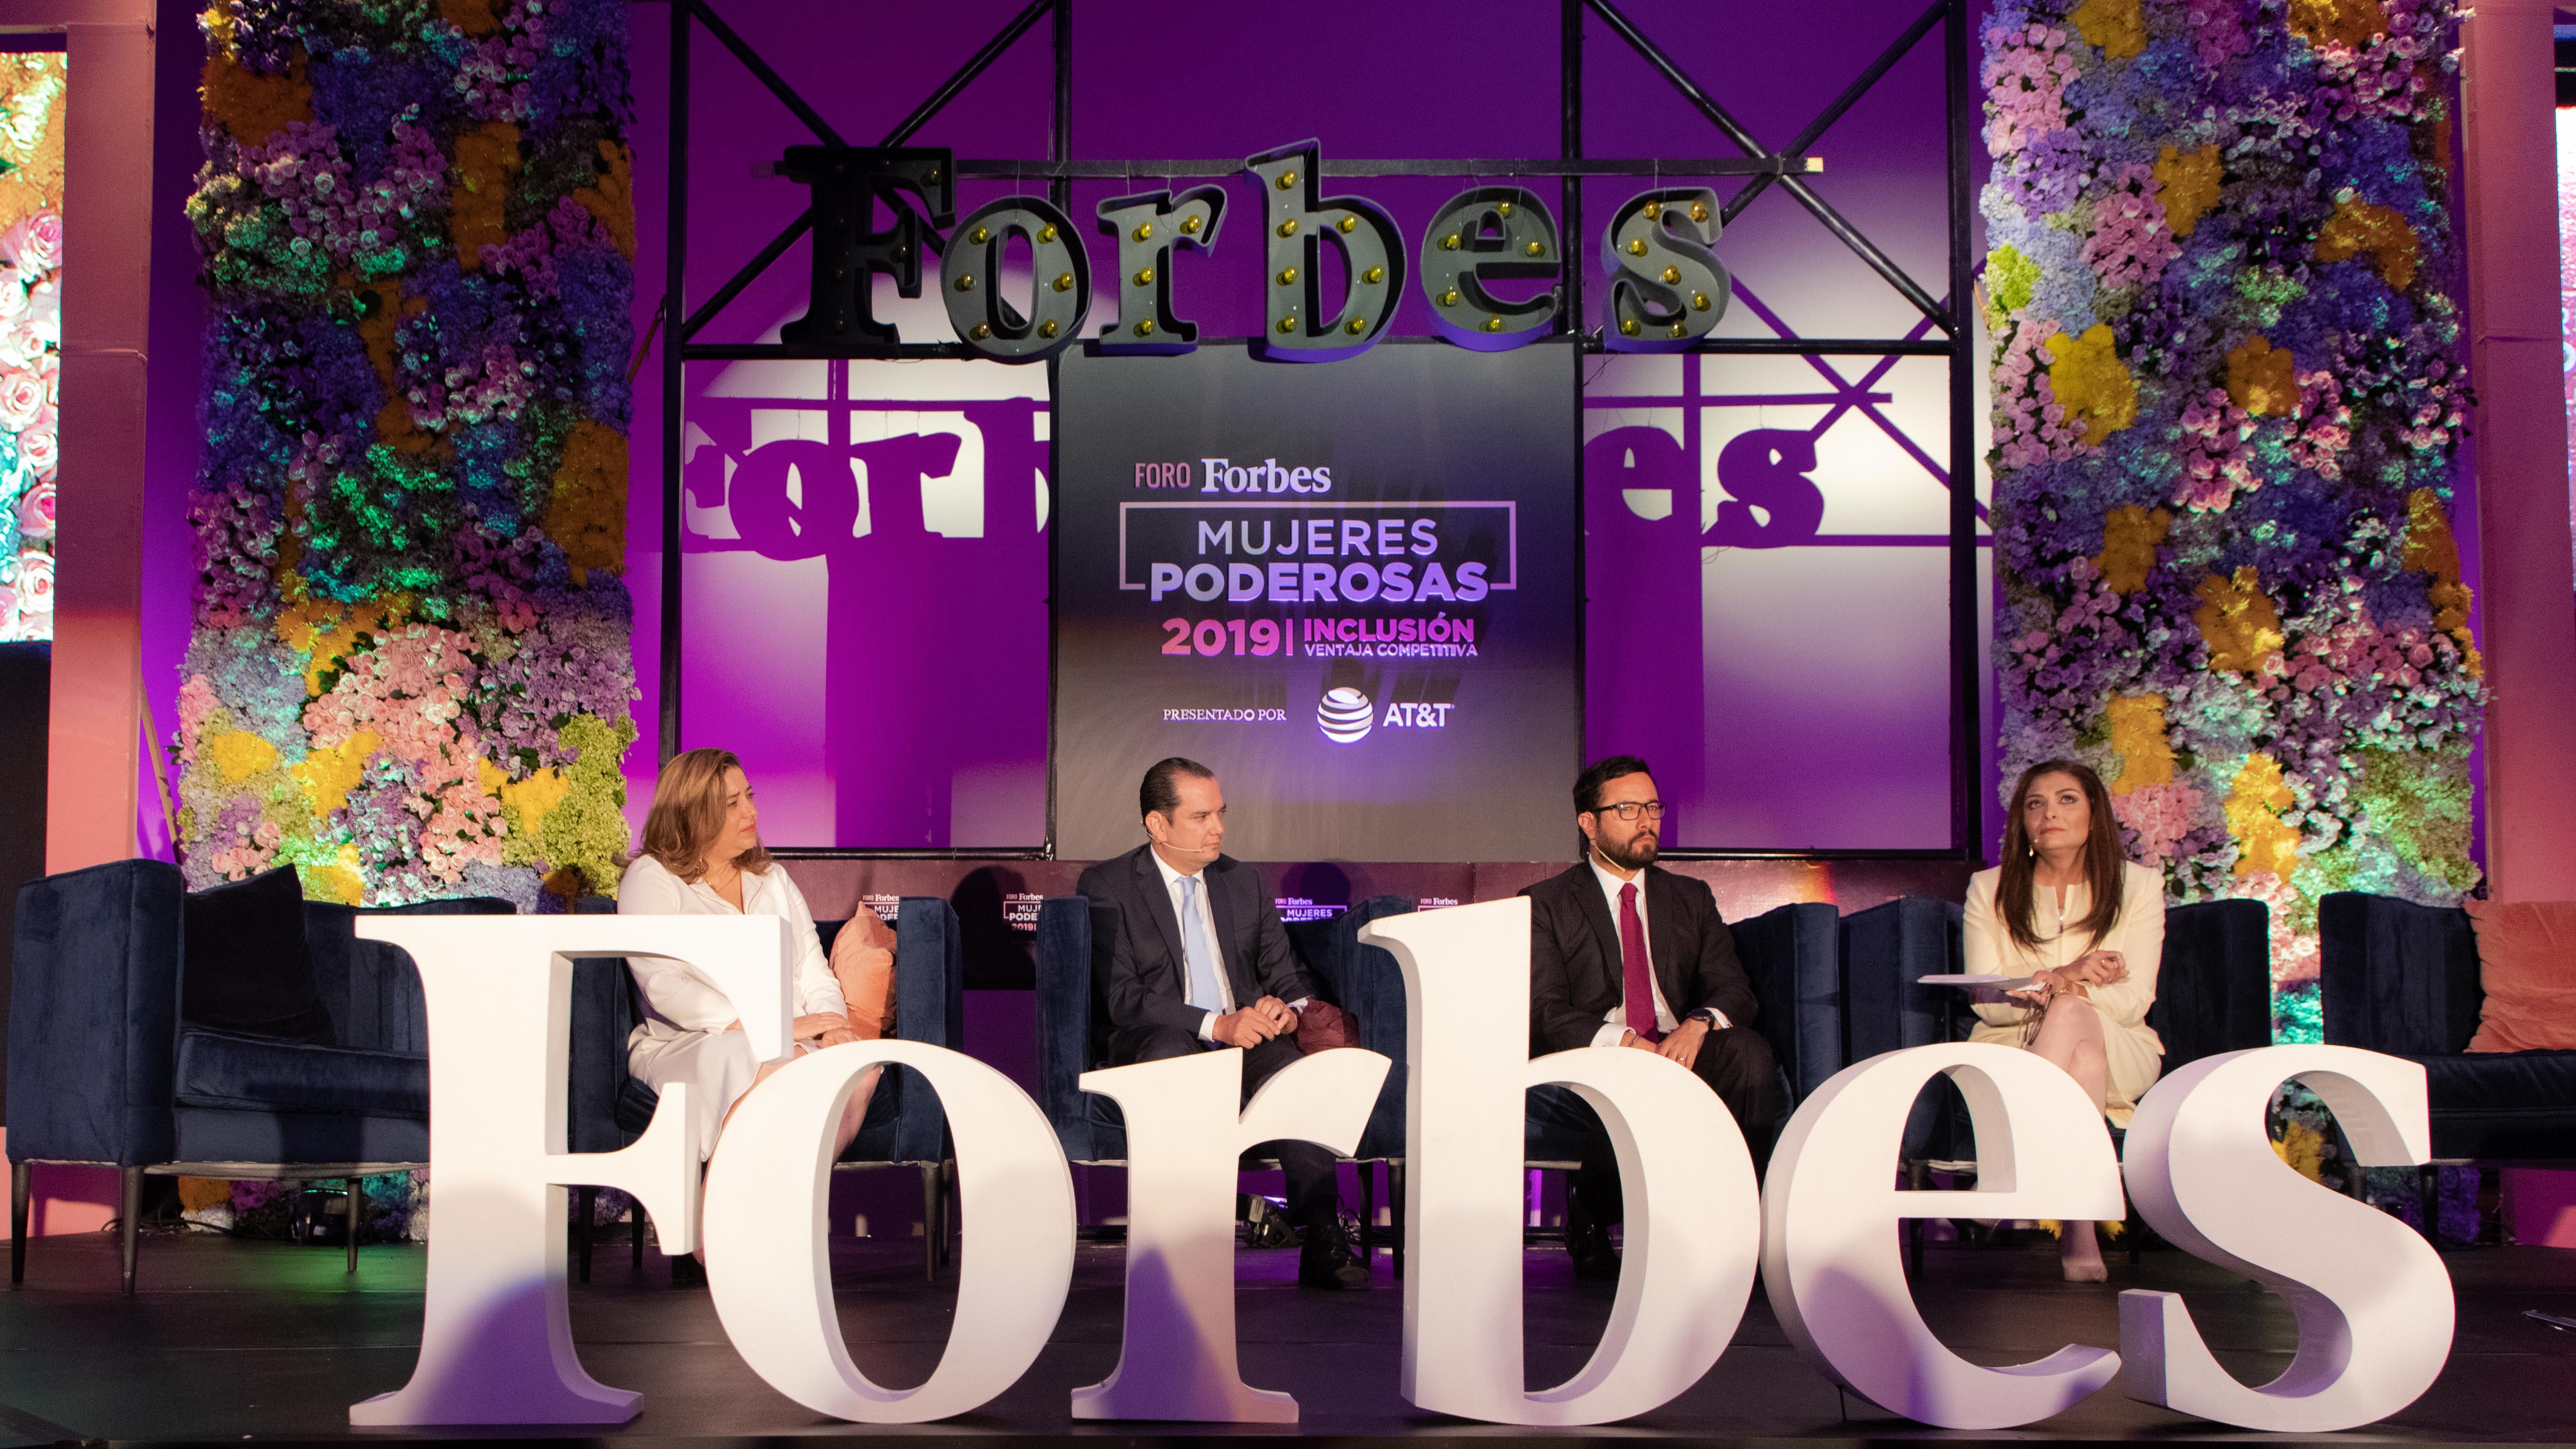 Mujeres poderosas: el reto de transformar la inclusión en ganancias